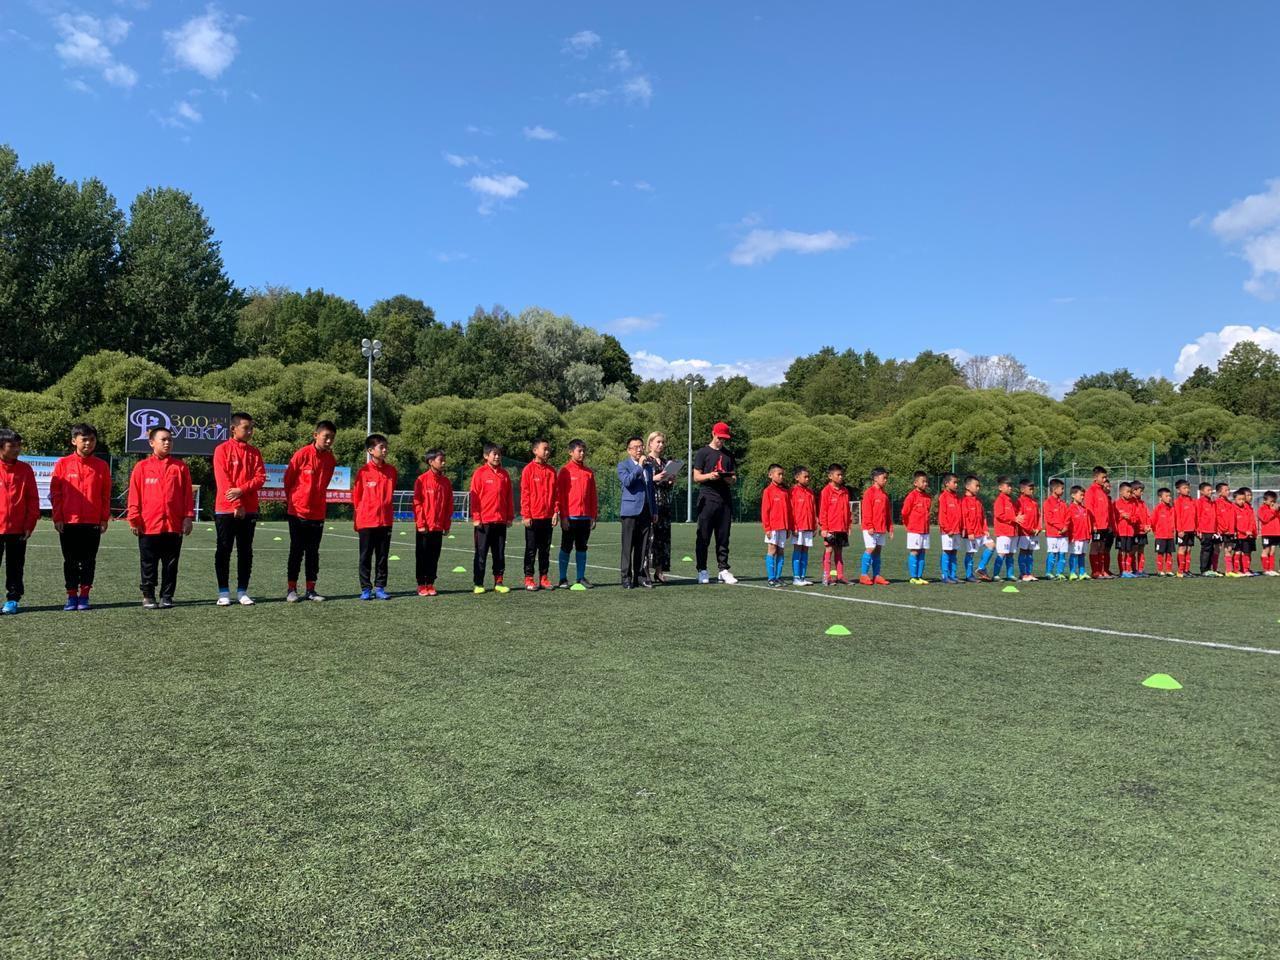 фото: Пресс-служба международного юношеского футбольного турнира «Один пояс, один путь – Кубок Санкт-Петербург 2019»